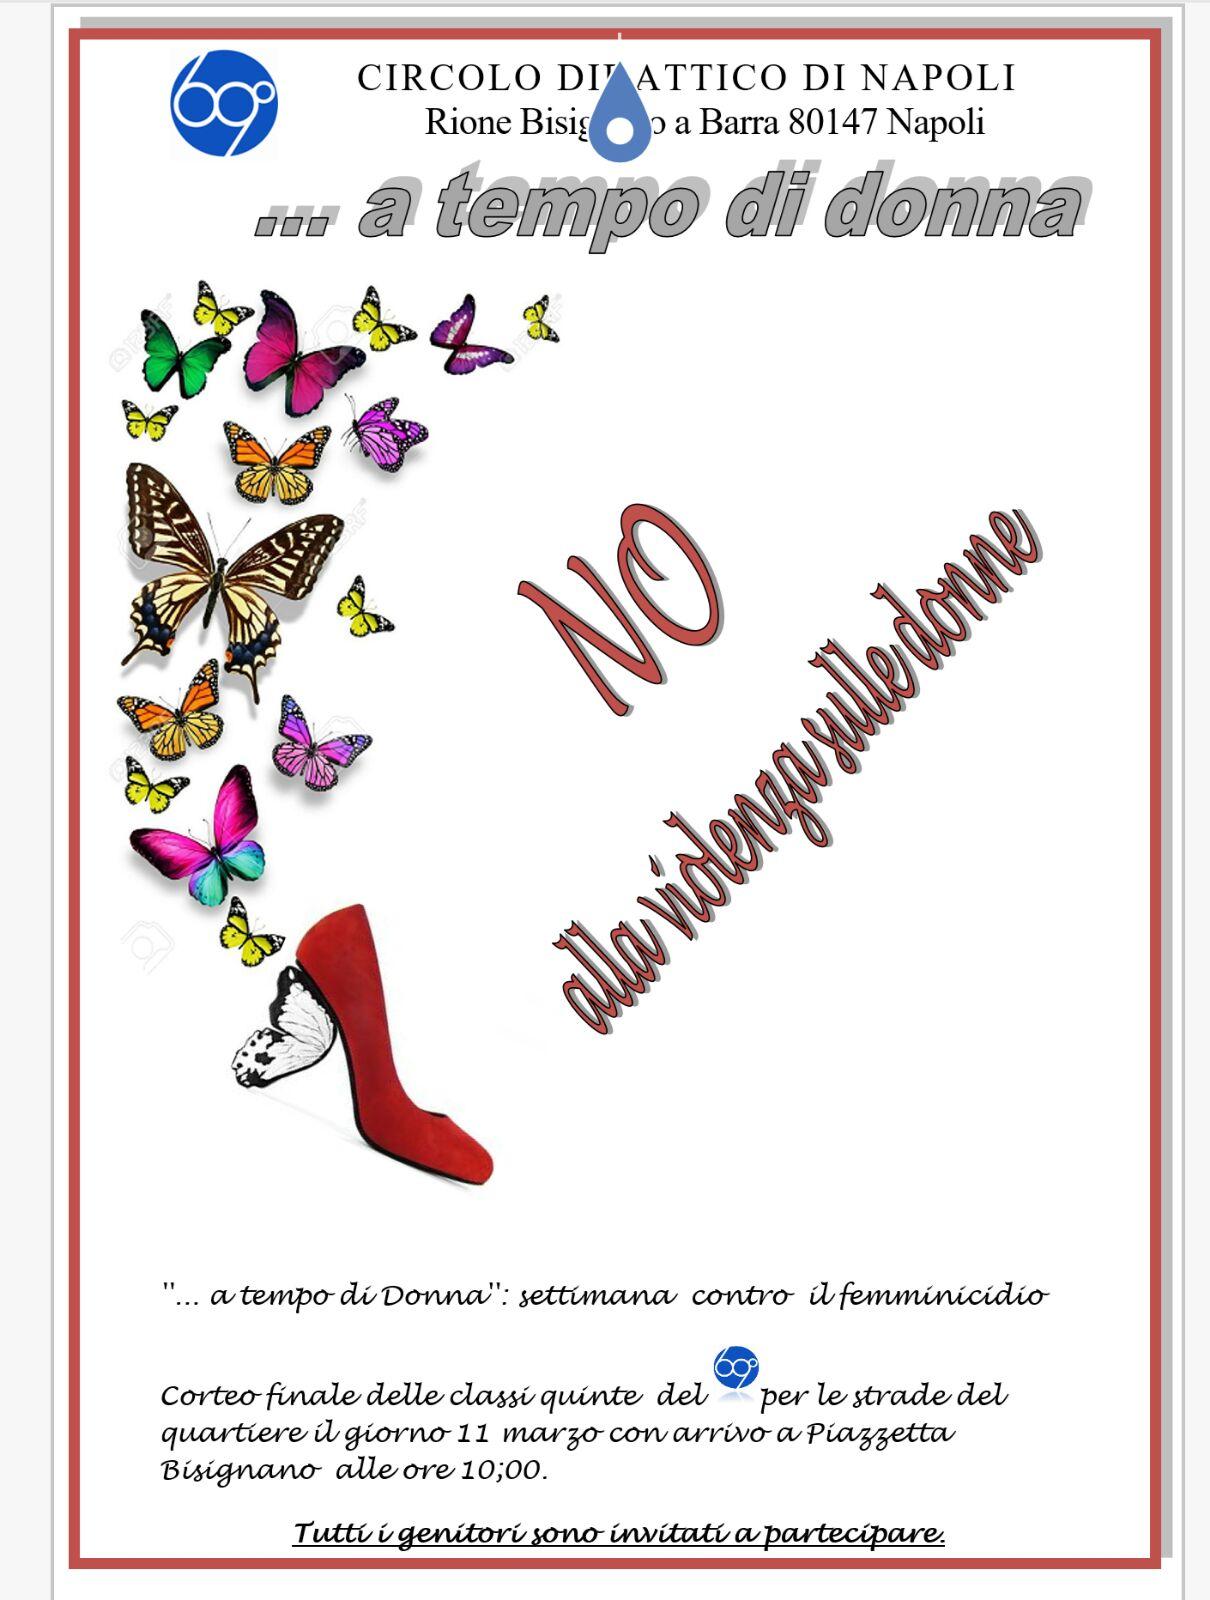 Settimana contro il femminicidio